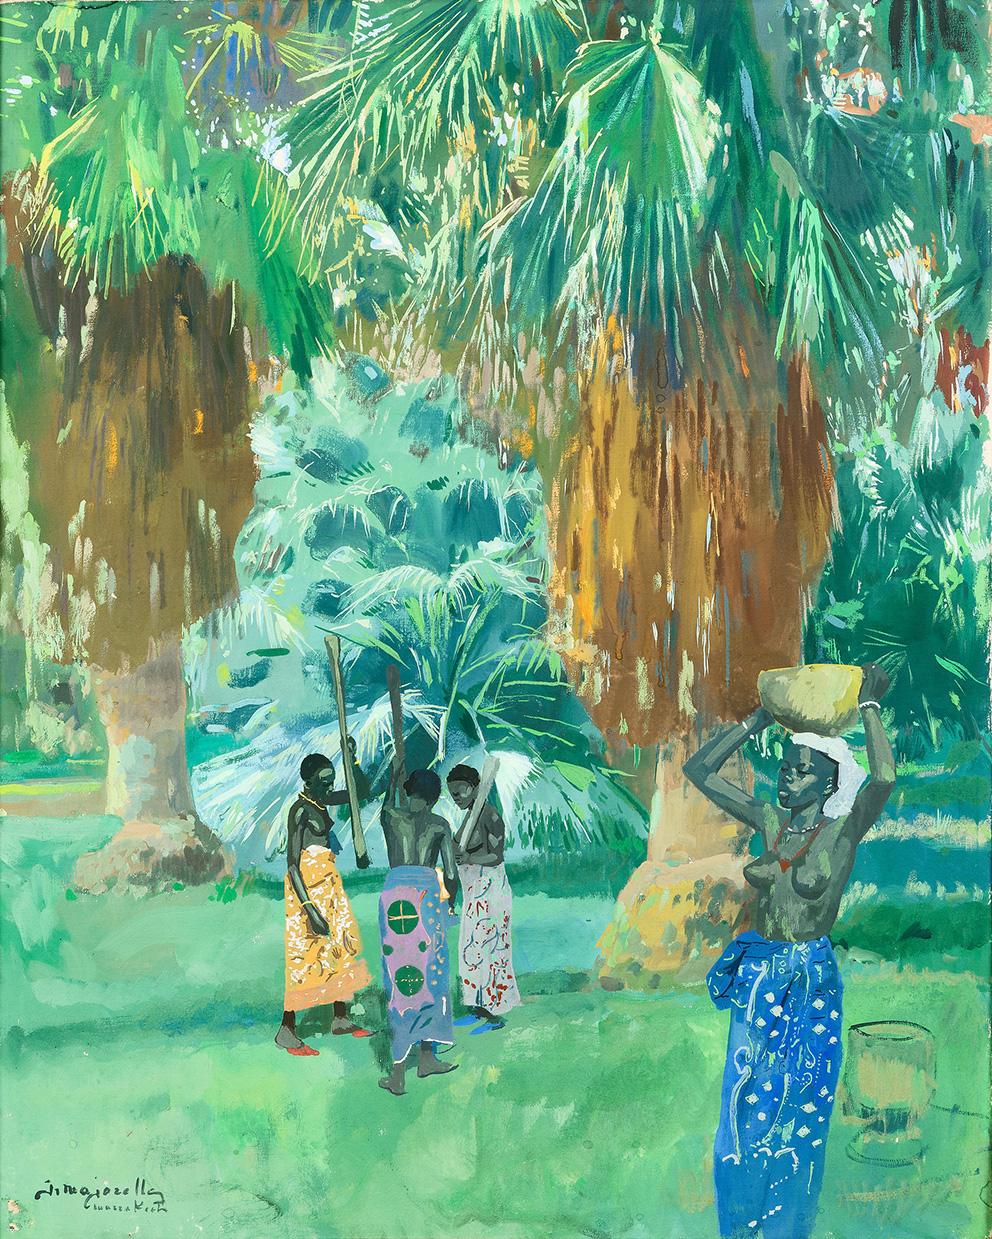 Jacques Majorelle (1886-1962), Pileuses de mil dans la palmeraie de Marrakech (Millet Threshers in a Palm Grove), c. 1947, oil on canvas,